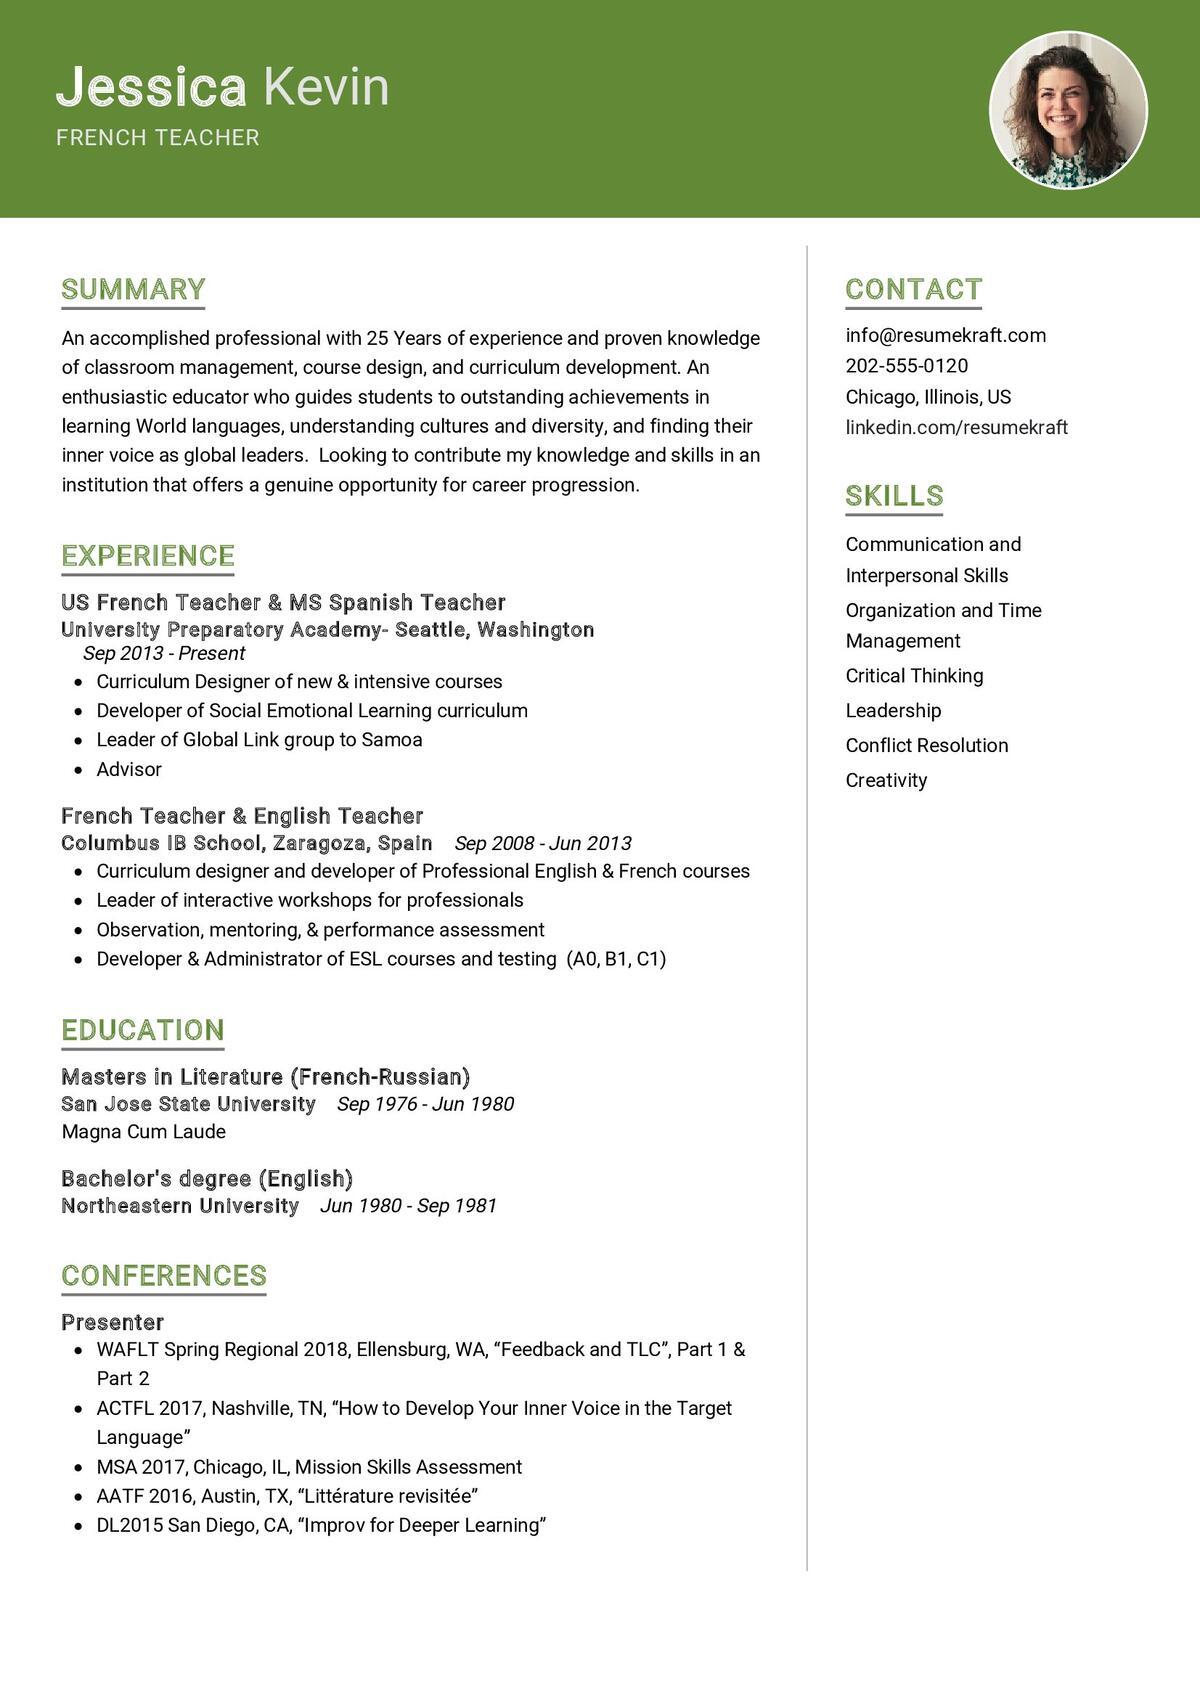 French Teacher CV Sample